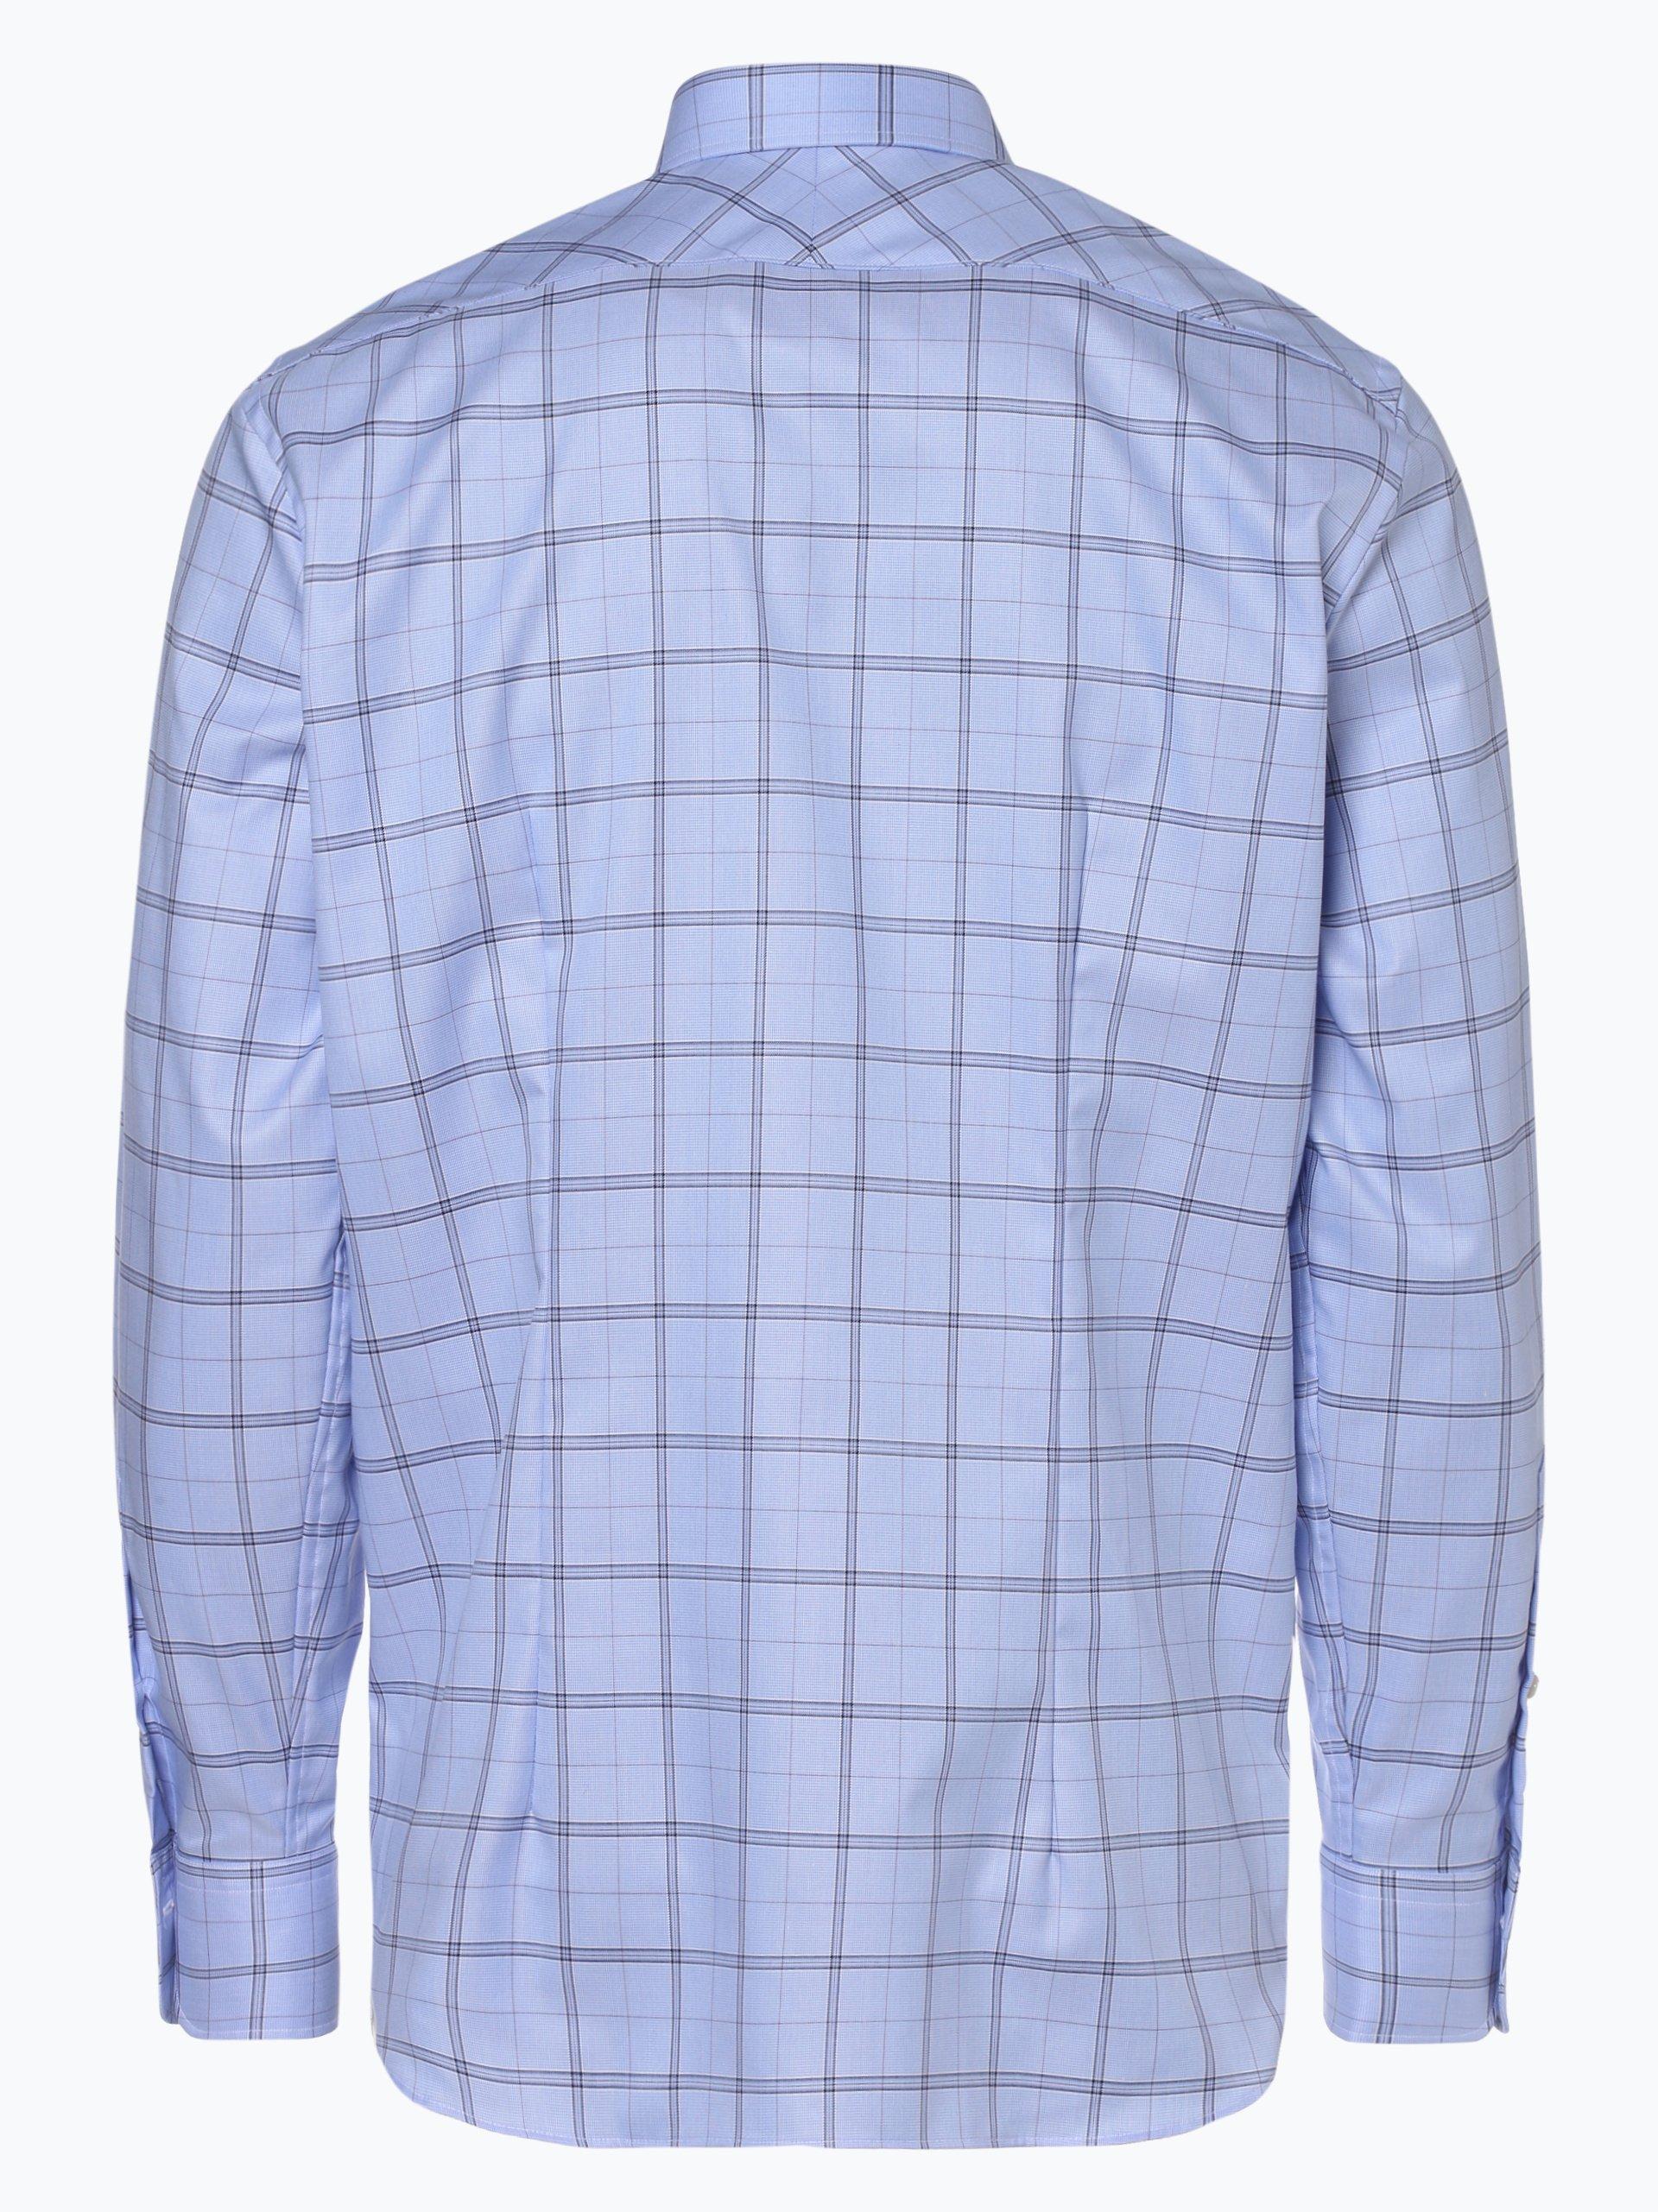 OLYMP SIGNATURE Koszula męska – Sandro